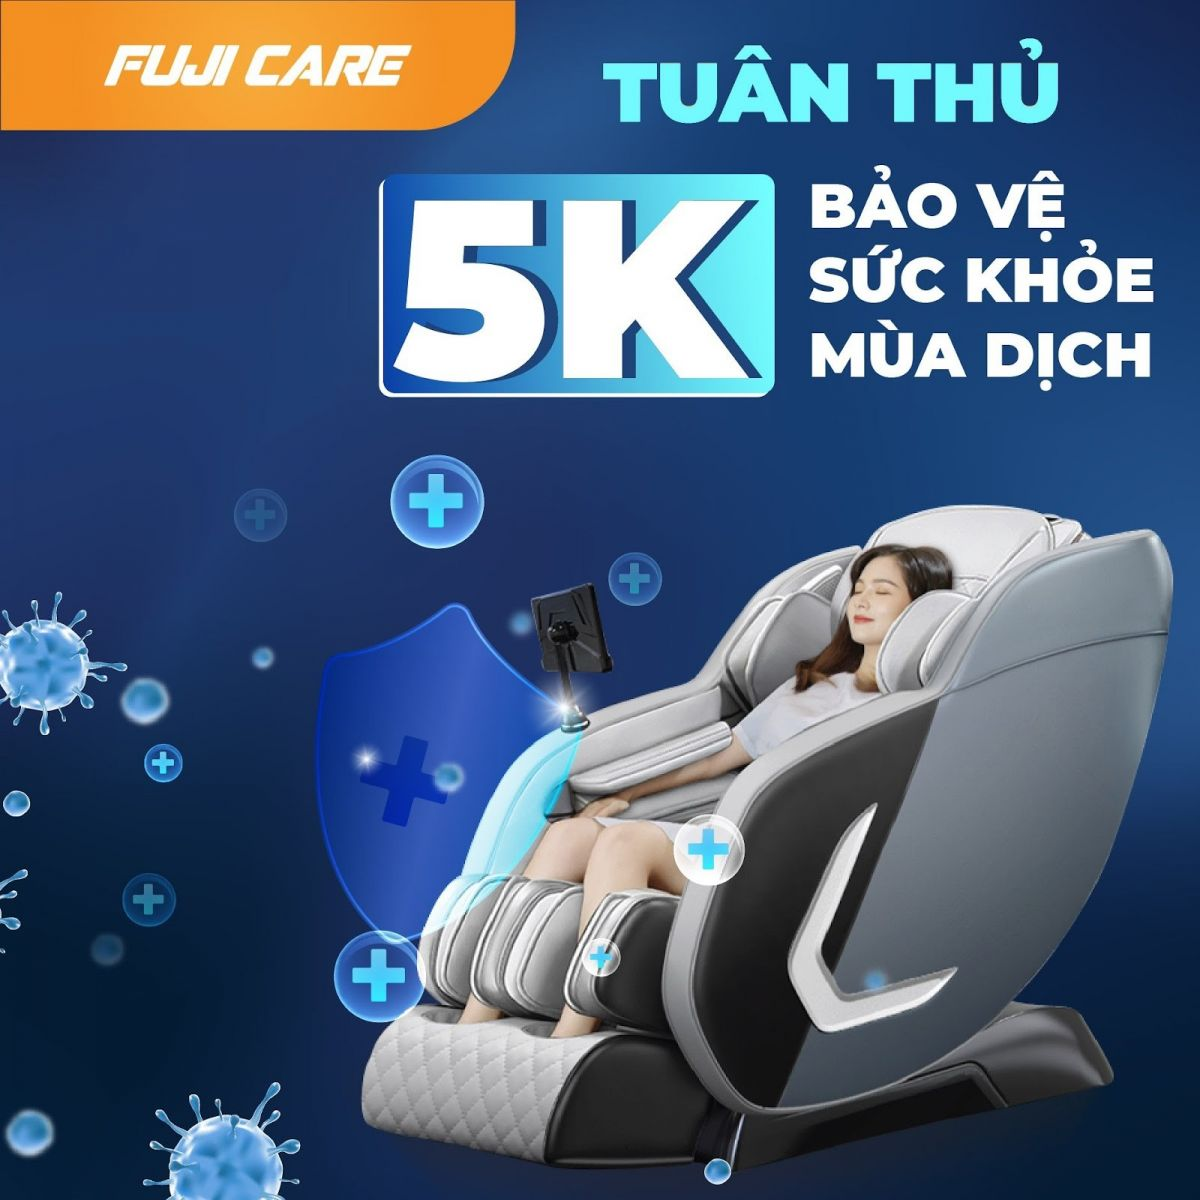 Ghế massage Fuji Care - Nâng cao sức khỏe, thư giãn cơ thể